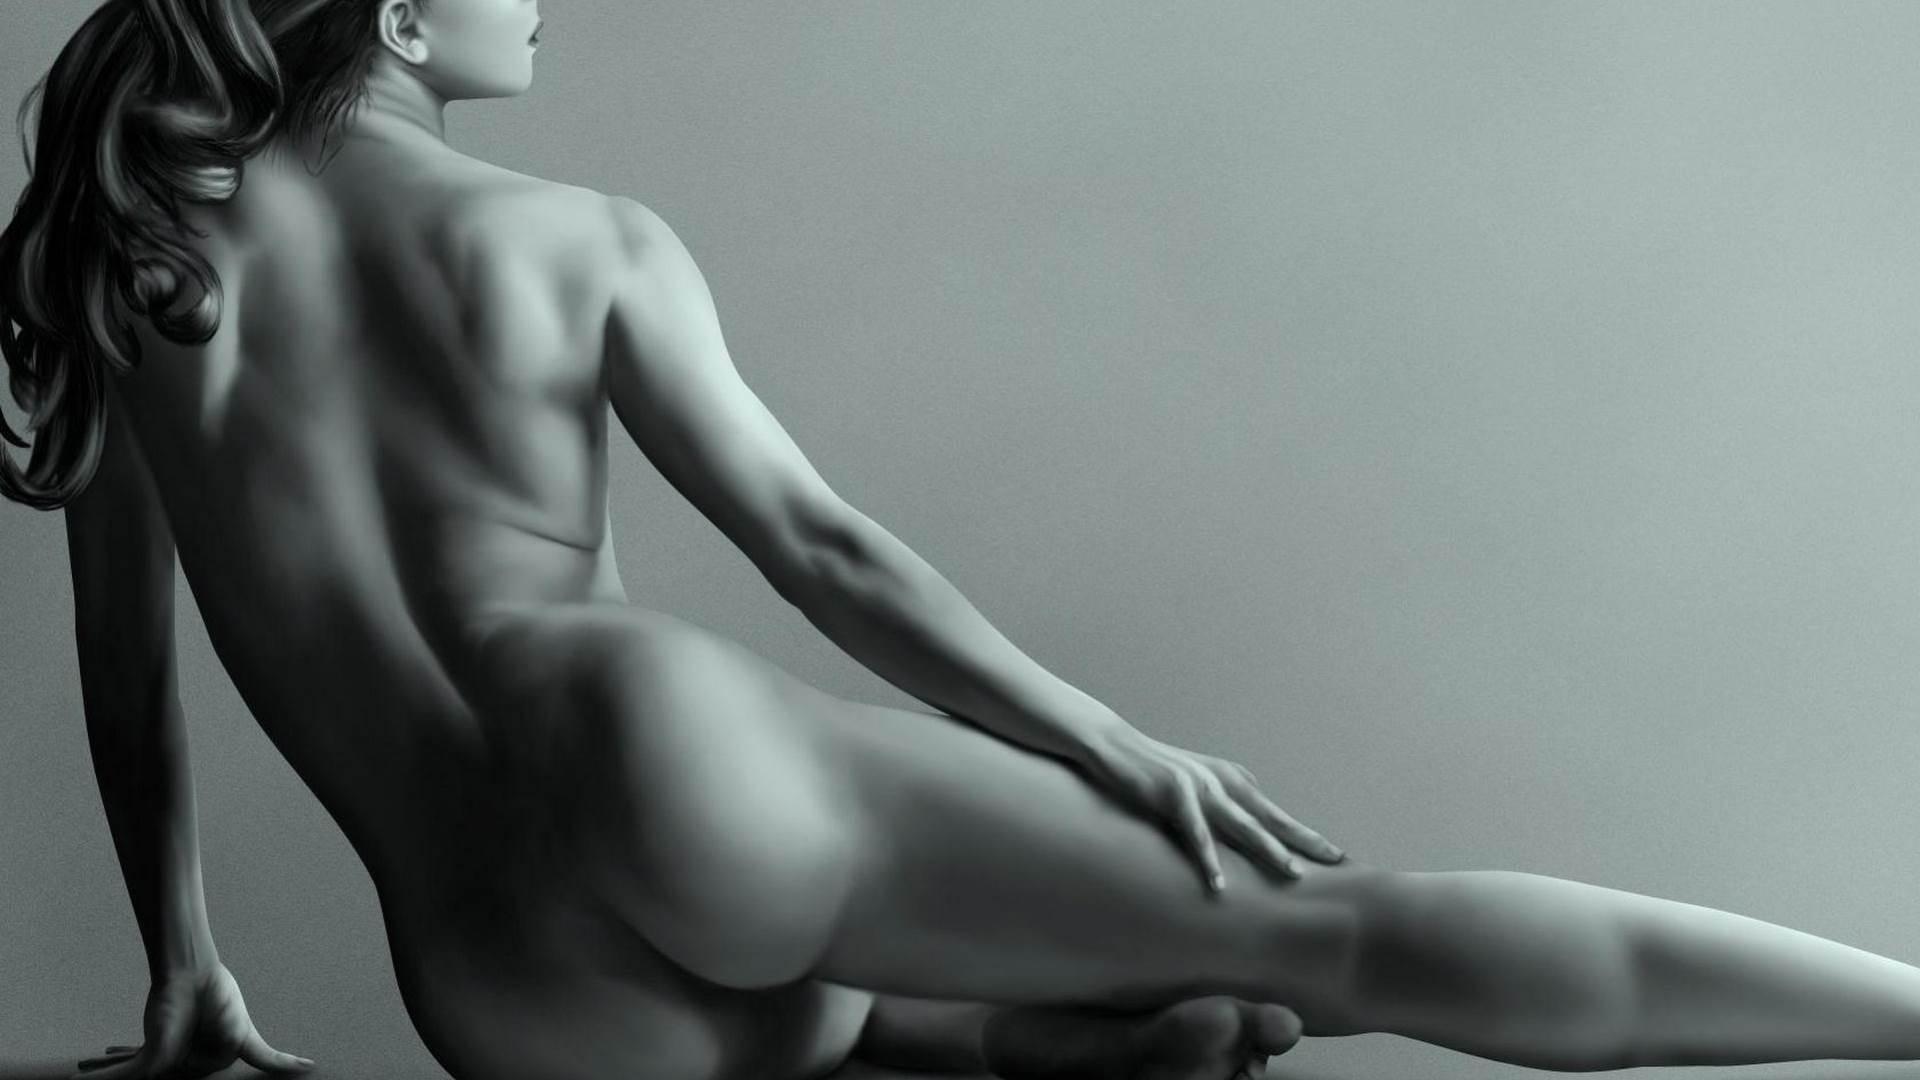 White naked female — 14